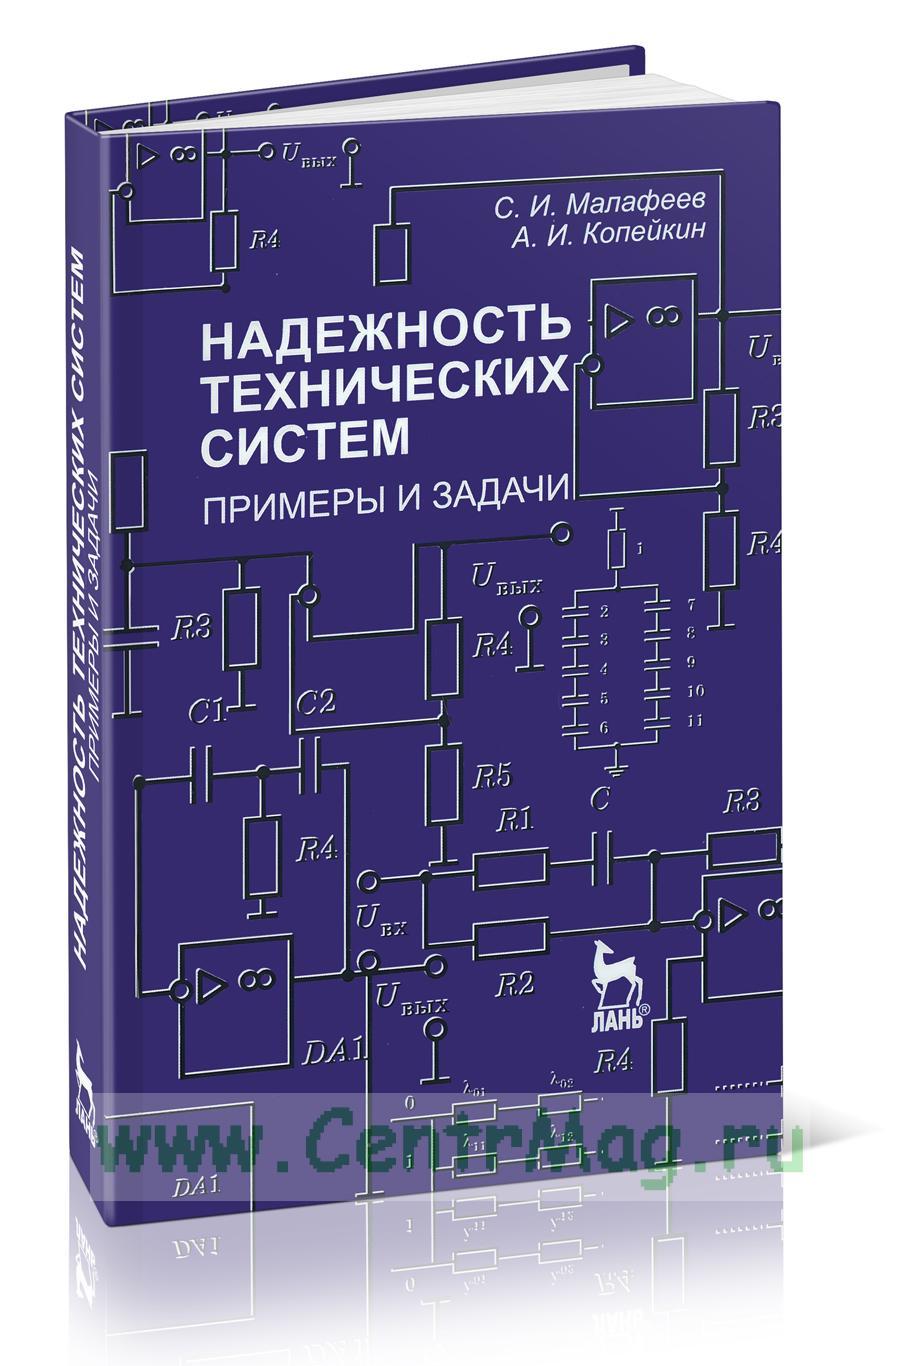 Надежность технических систем. Примеры и задачи: учебное пособие. 2-е изд.